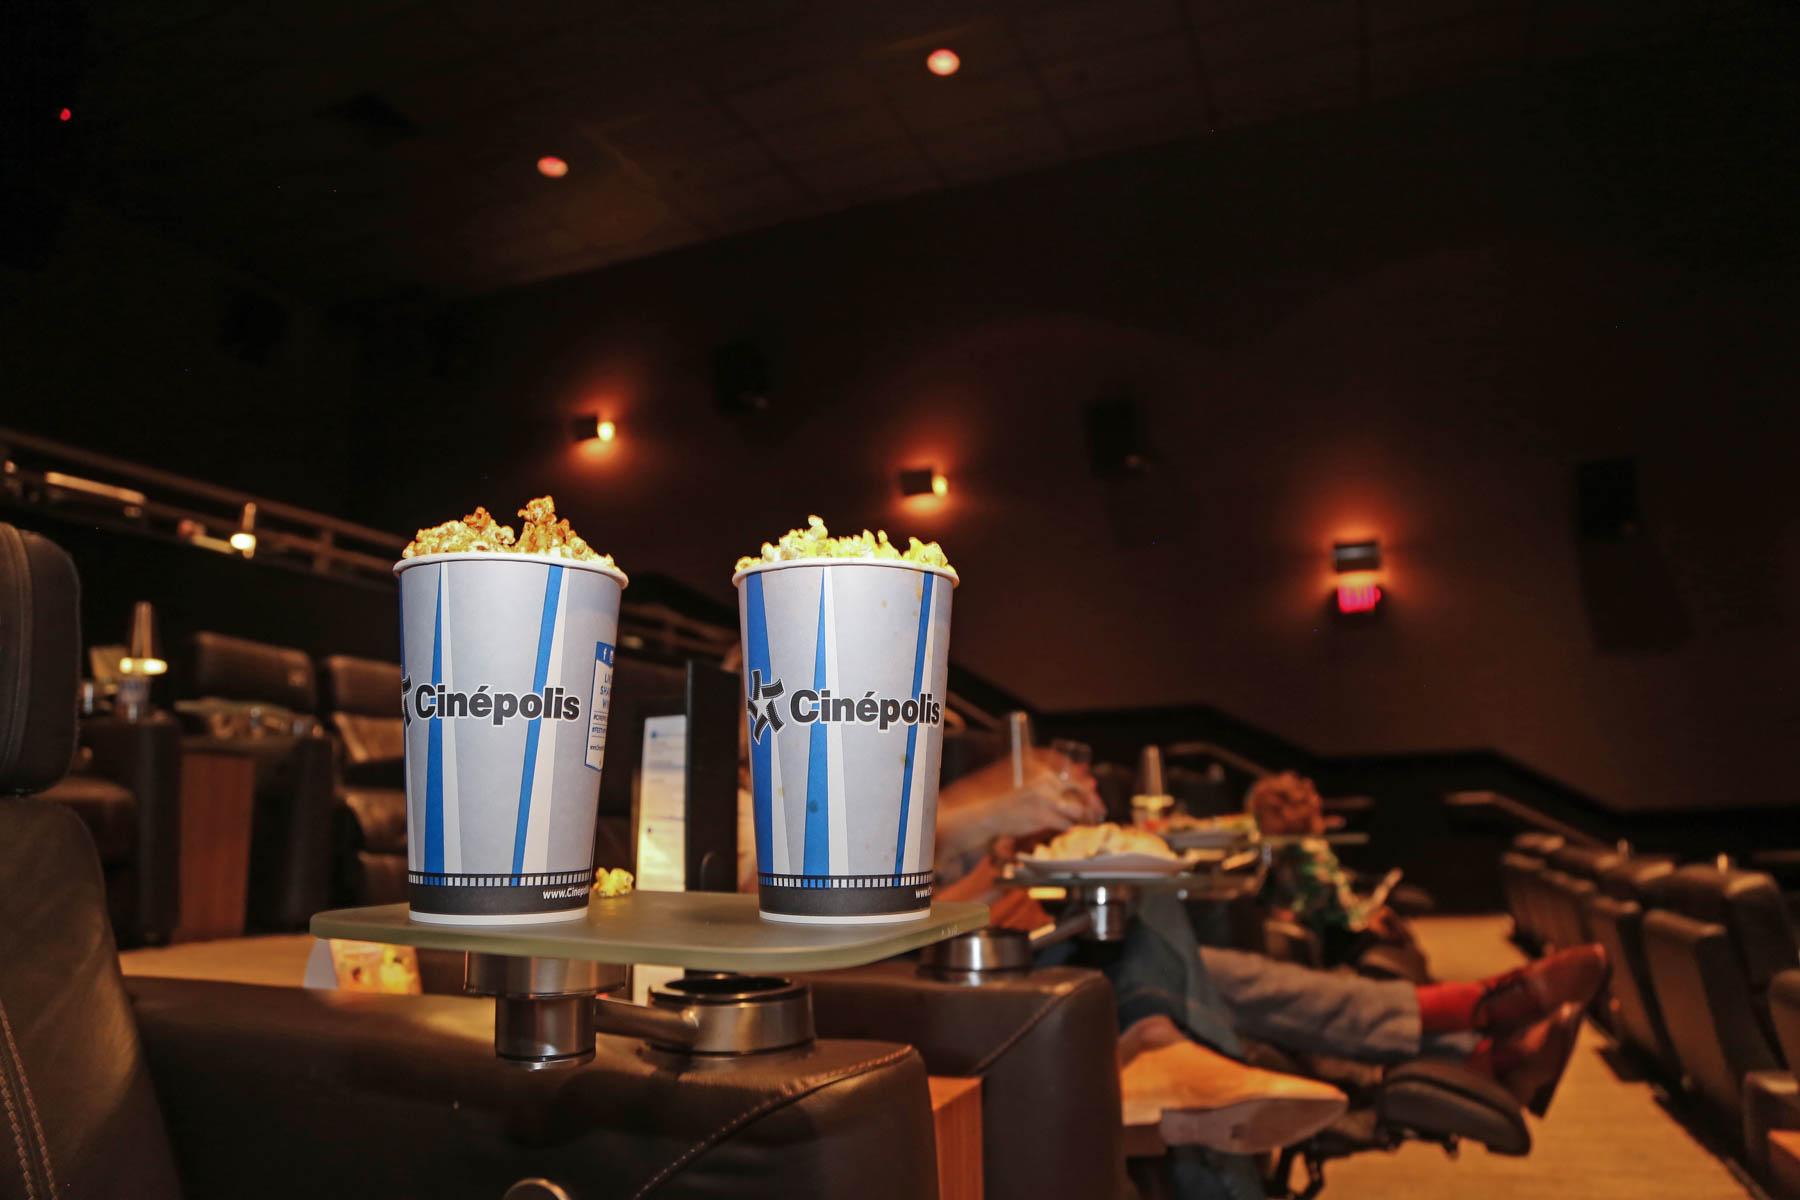 Popcorn at Cinepolis Cinema #movienight #cinepolis #familybonding #familylove